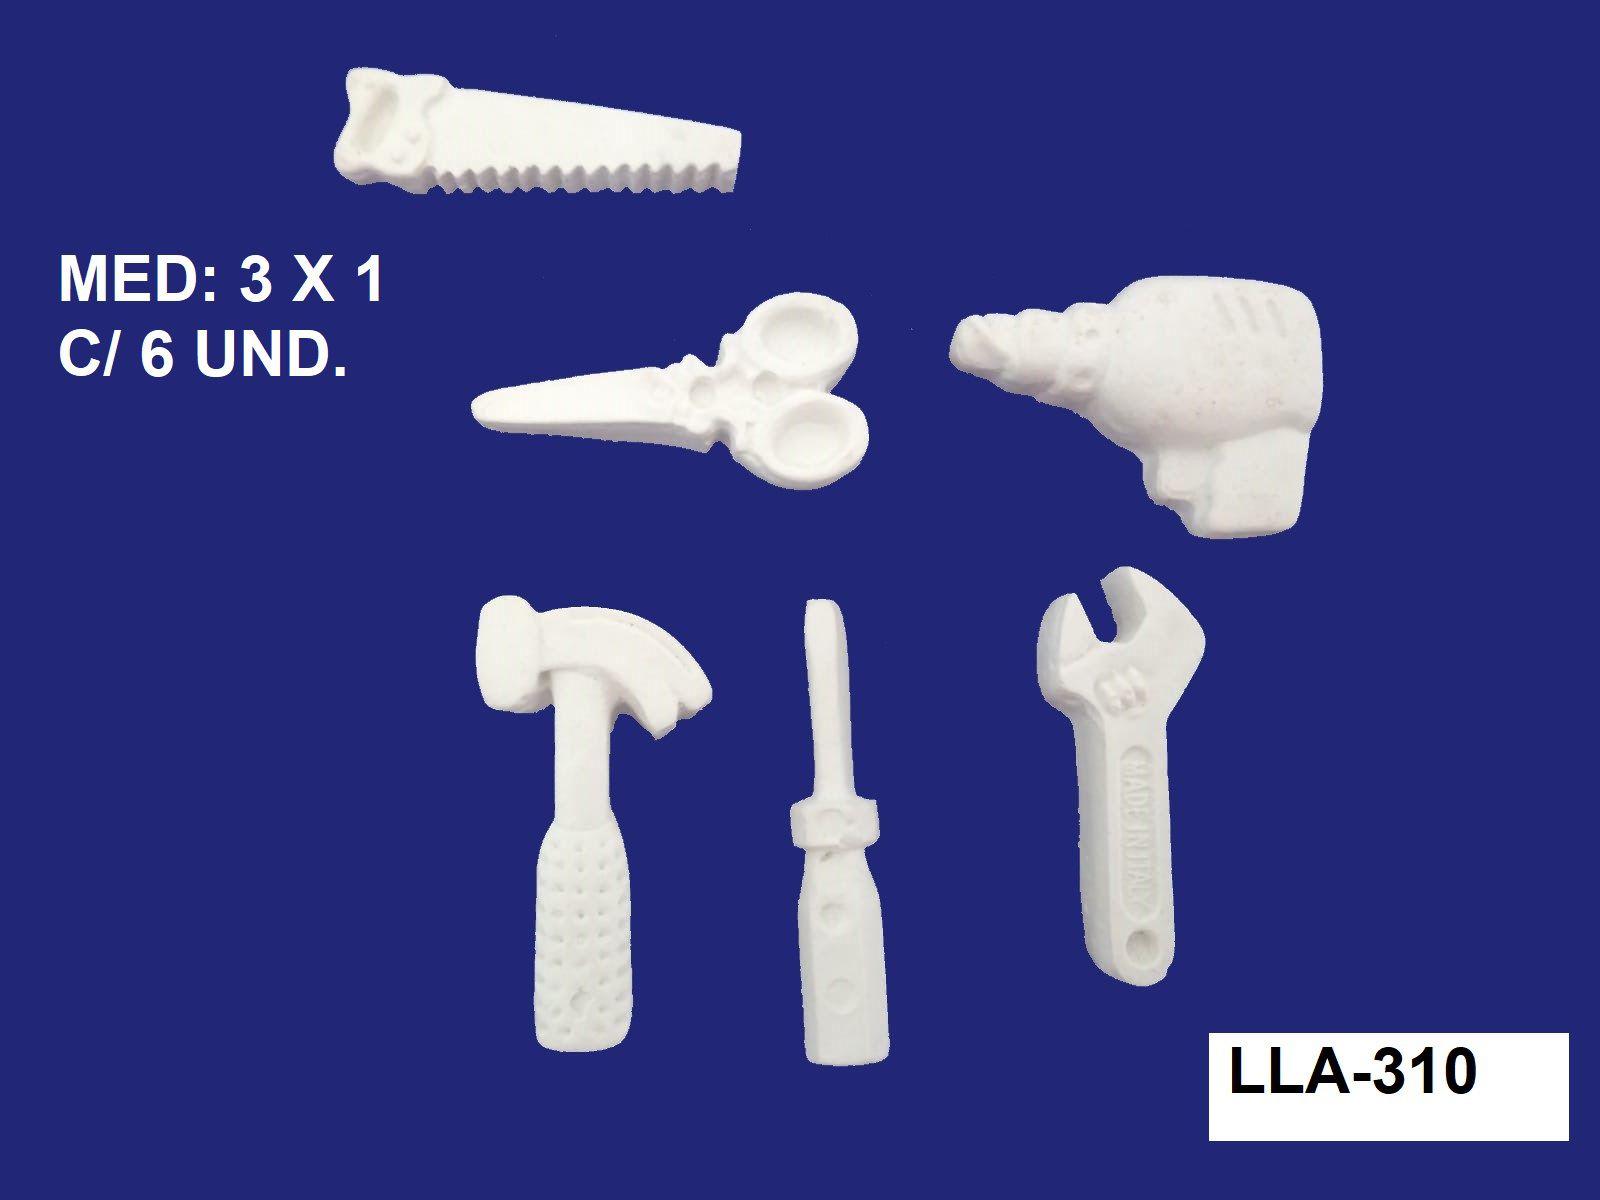 LLA-310 APLIQUE MINI FERRAMENTAS 3X1CM C/ 6 UND.